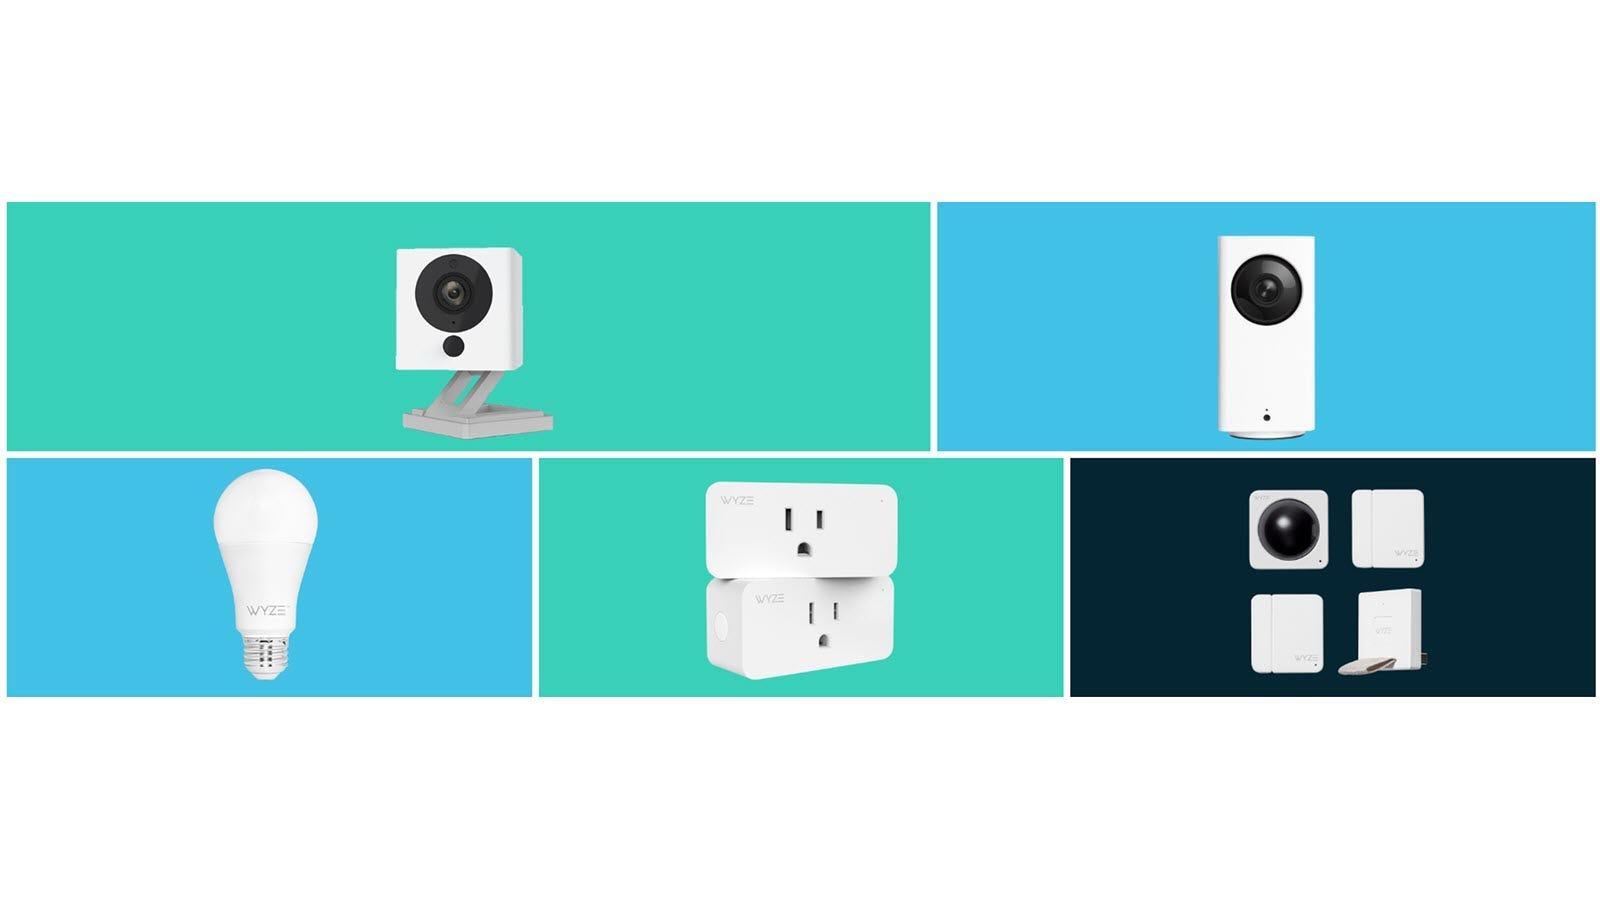 A Wyze Cam, Wyze Cam Pan, Wyze Bulb, Wyze Plugs, and Wyze Sensor kit